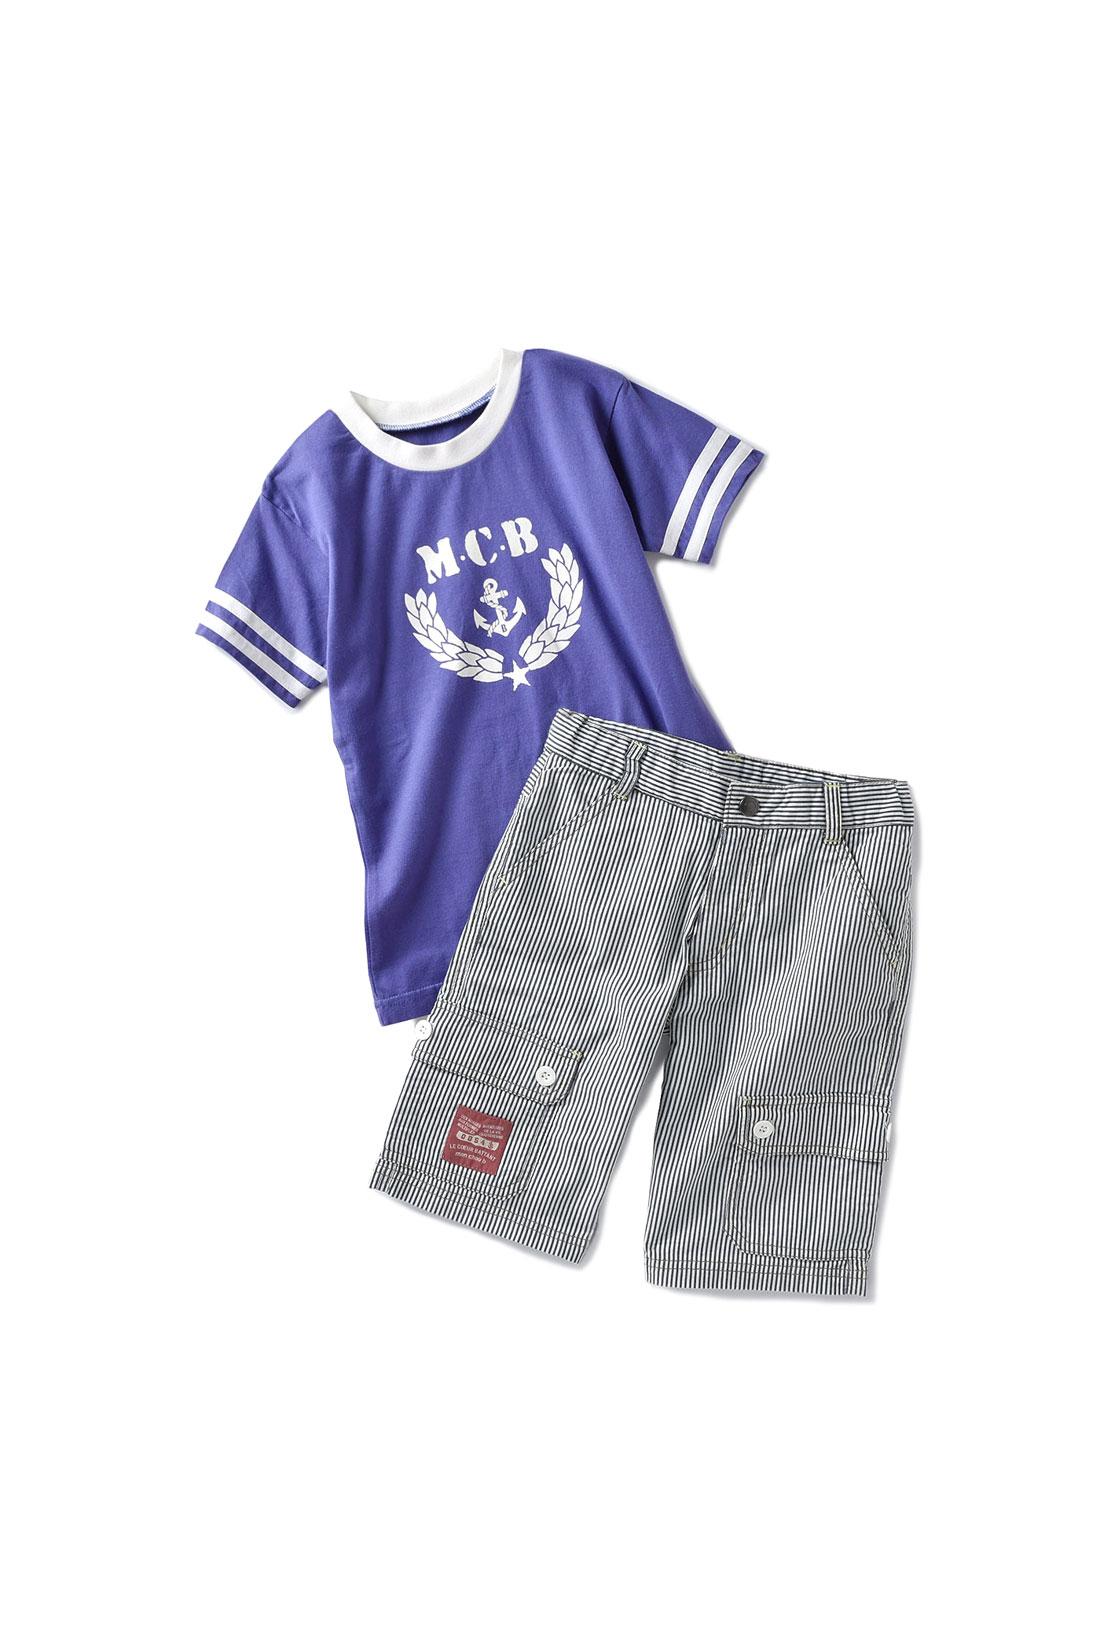 スタイリッシュなロゴをあしらったトップスに着まわしやすいパンツをセット。